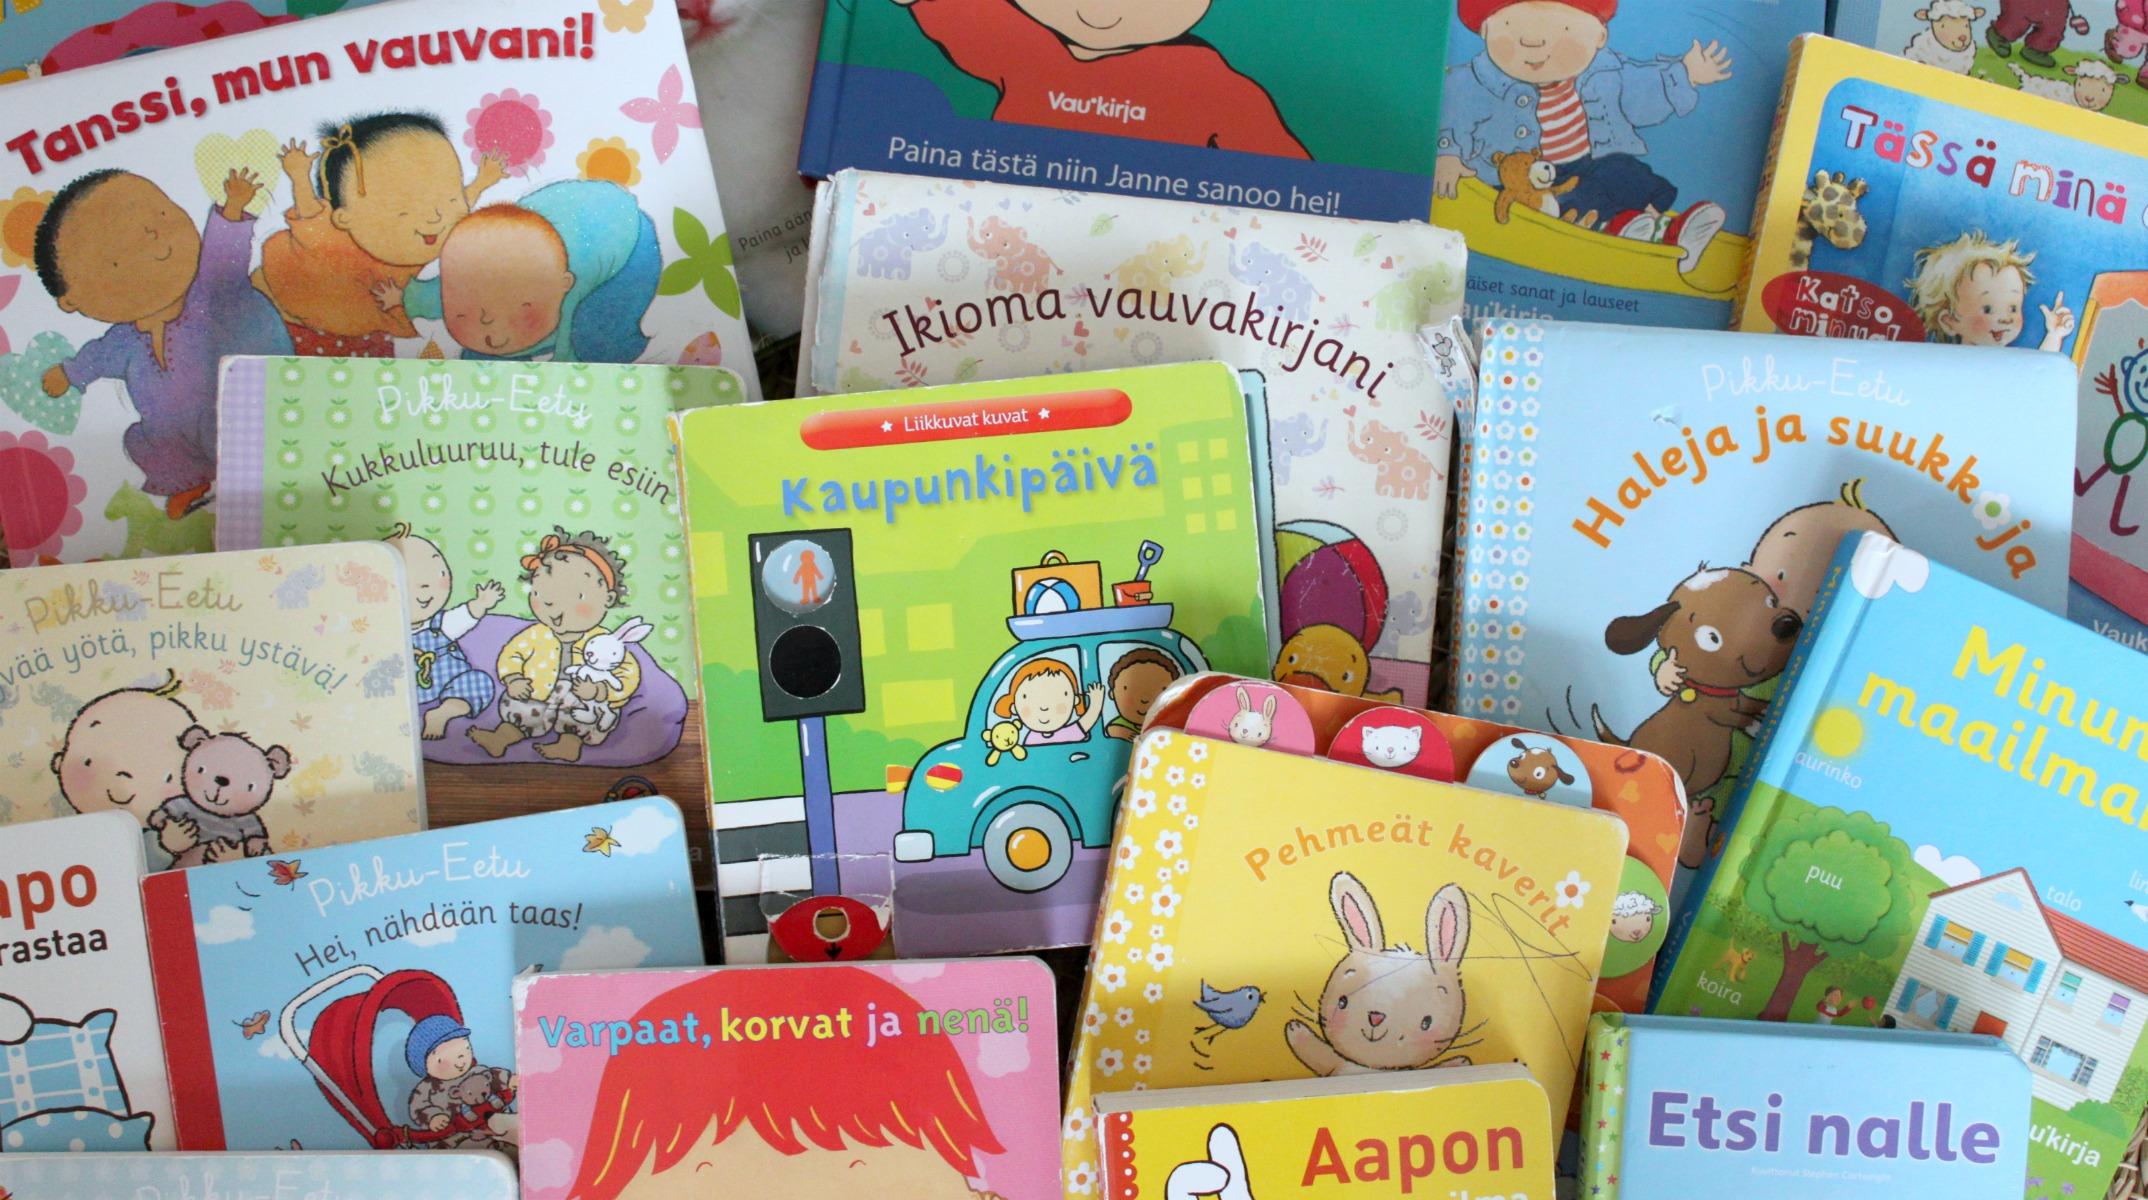 Vaukirja / vauvakirjoja